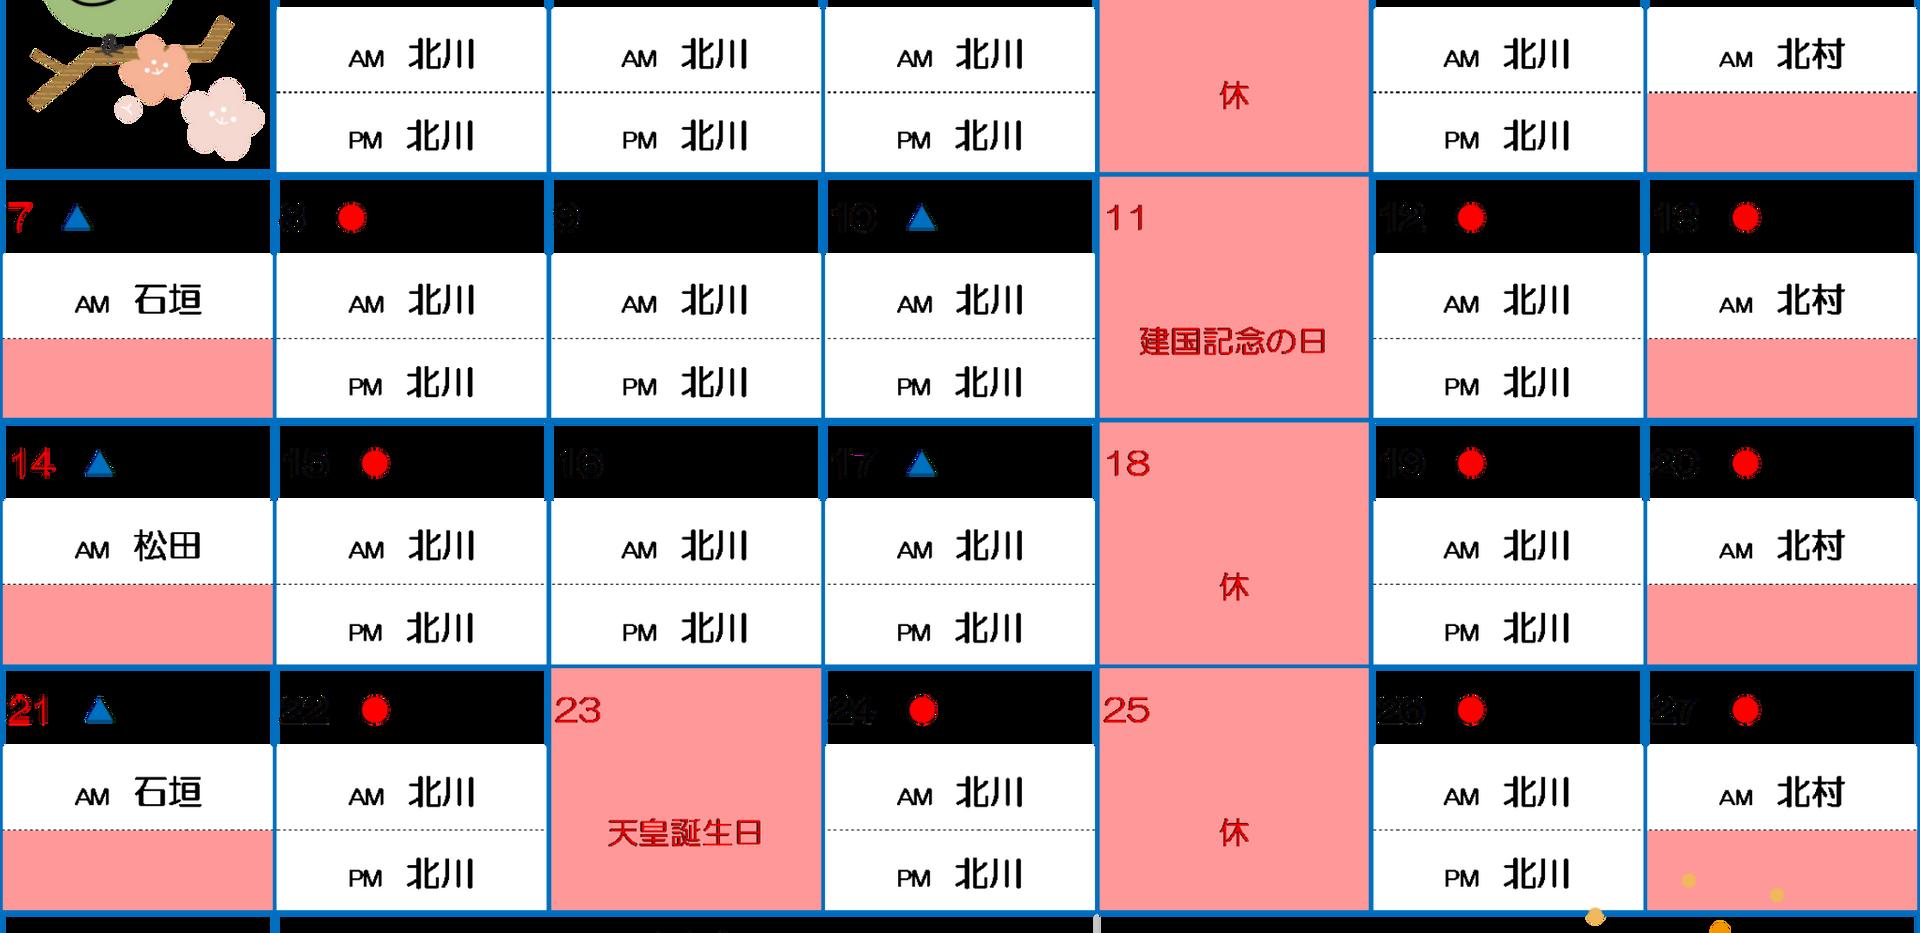 びやじま202102カレンダー.png